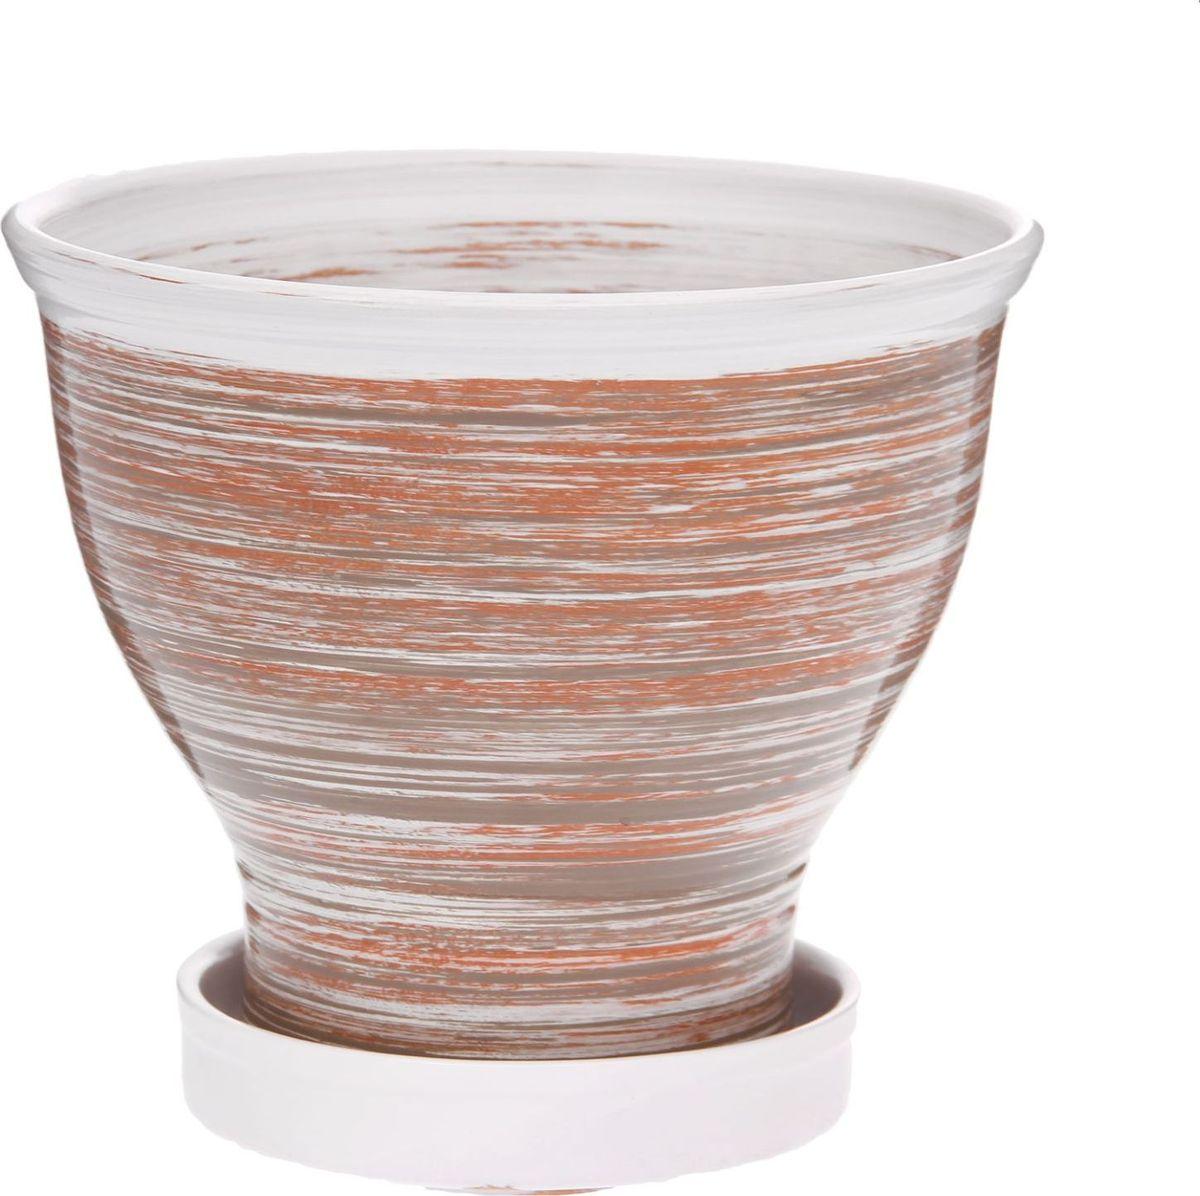 Кашпо Мари, цвет: коричневый, 2 л1147357Комнатные растения — всеобщие любимцы. Они радуют глаз, насыщают помещение кислородом и украшают пространство. Каждому из них необходим свой удобный и красивый дом. Кашпо из керамики прекрасно подходят для высадки растений: за счёт пластичности глины и разных способов обработки существует великое множество форм и дизайновпористый материал позволяет испаряться лишней влагевоздух, необходимый для дыхания корней, проникает сквозь керамические стенки! #name# позаботится о зелёном питомце, освежит интерьер и подчеркнёт его стиль.